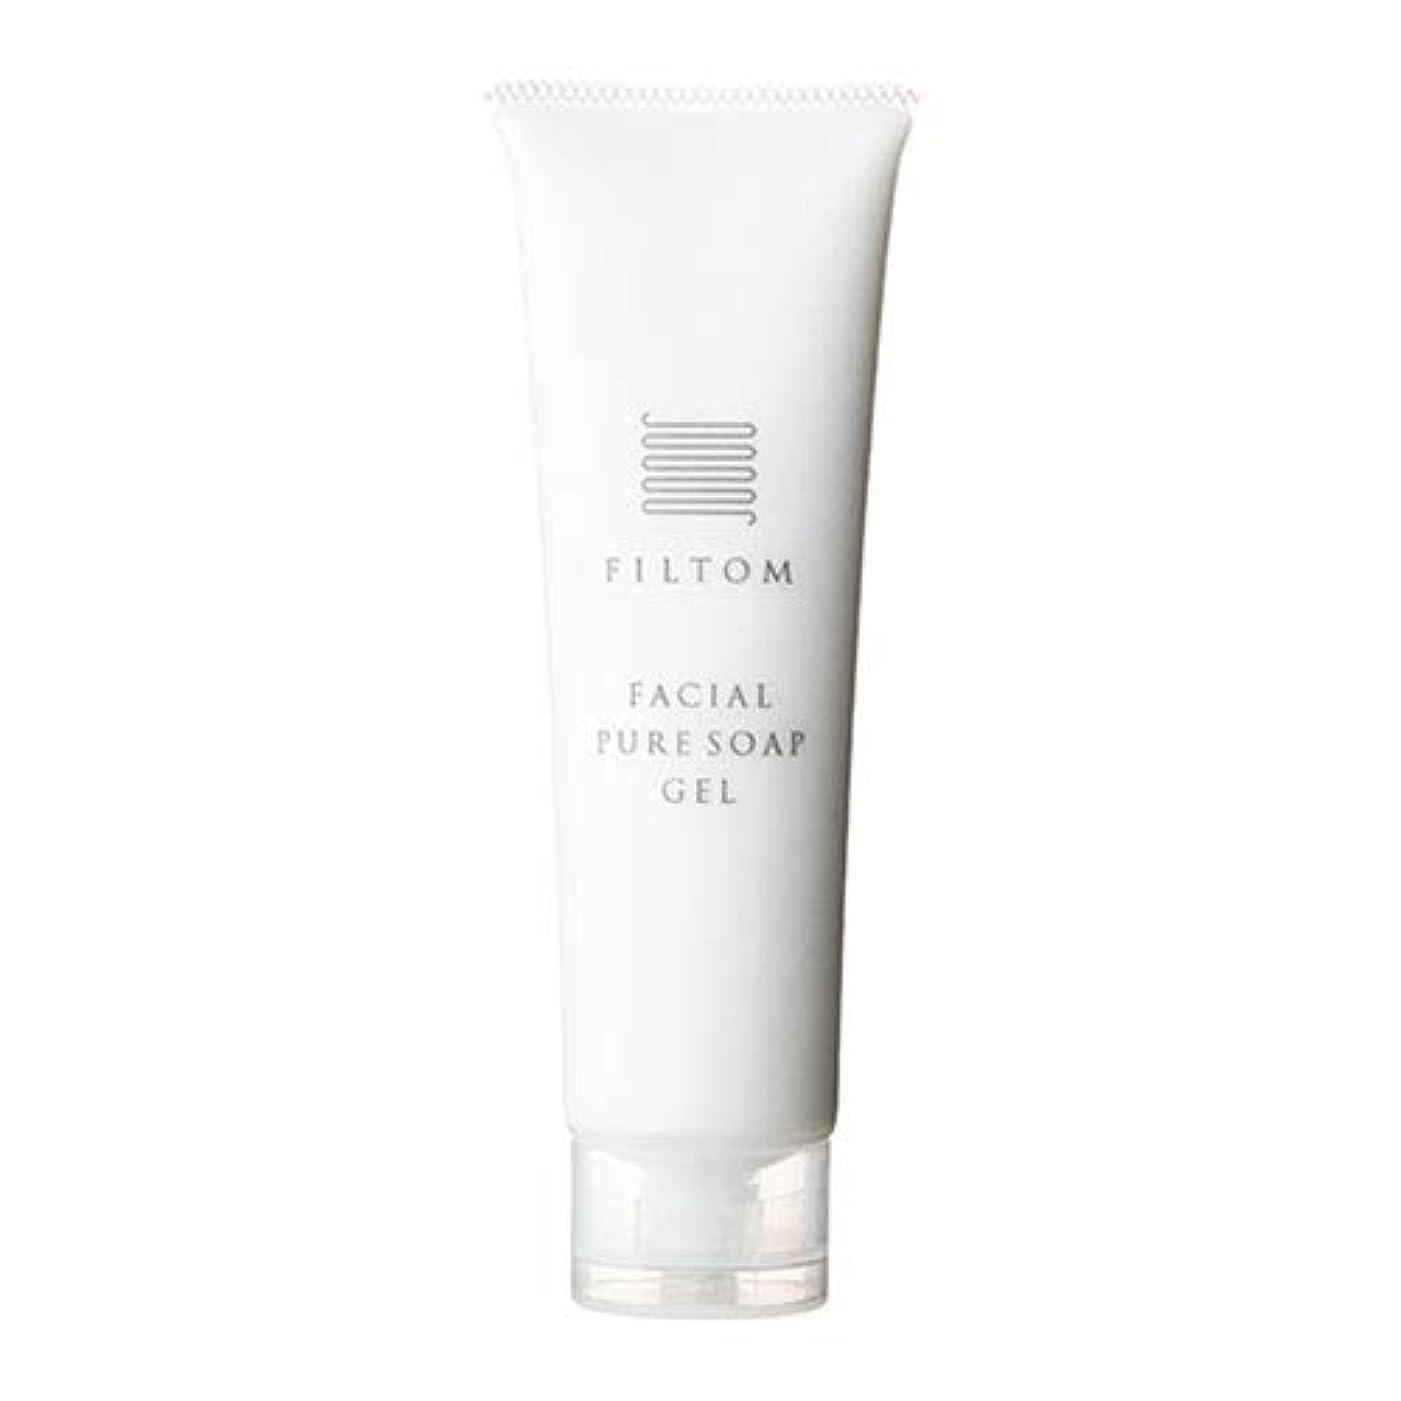 シャワーデイジートーストフィルトム純石鹸ベース洗顔フォーム S6A 100mL